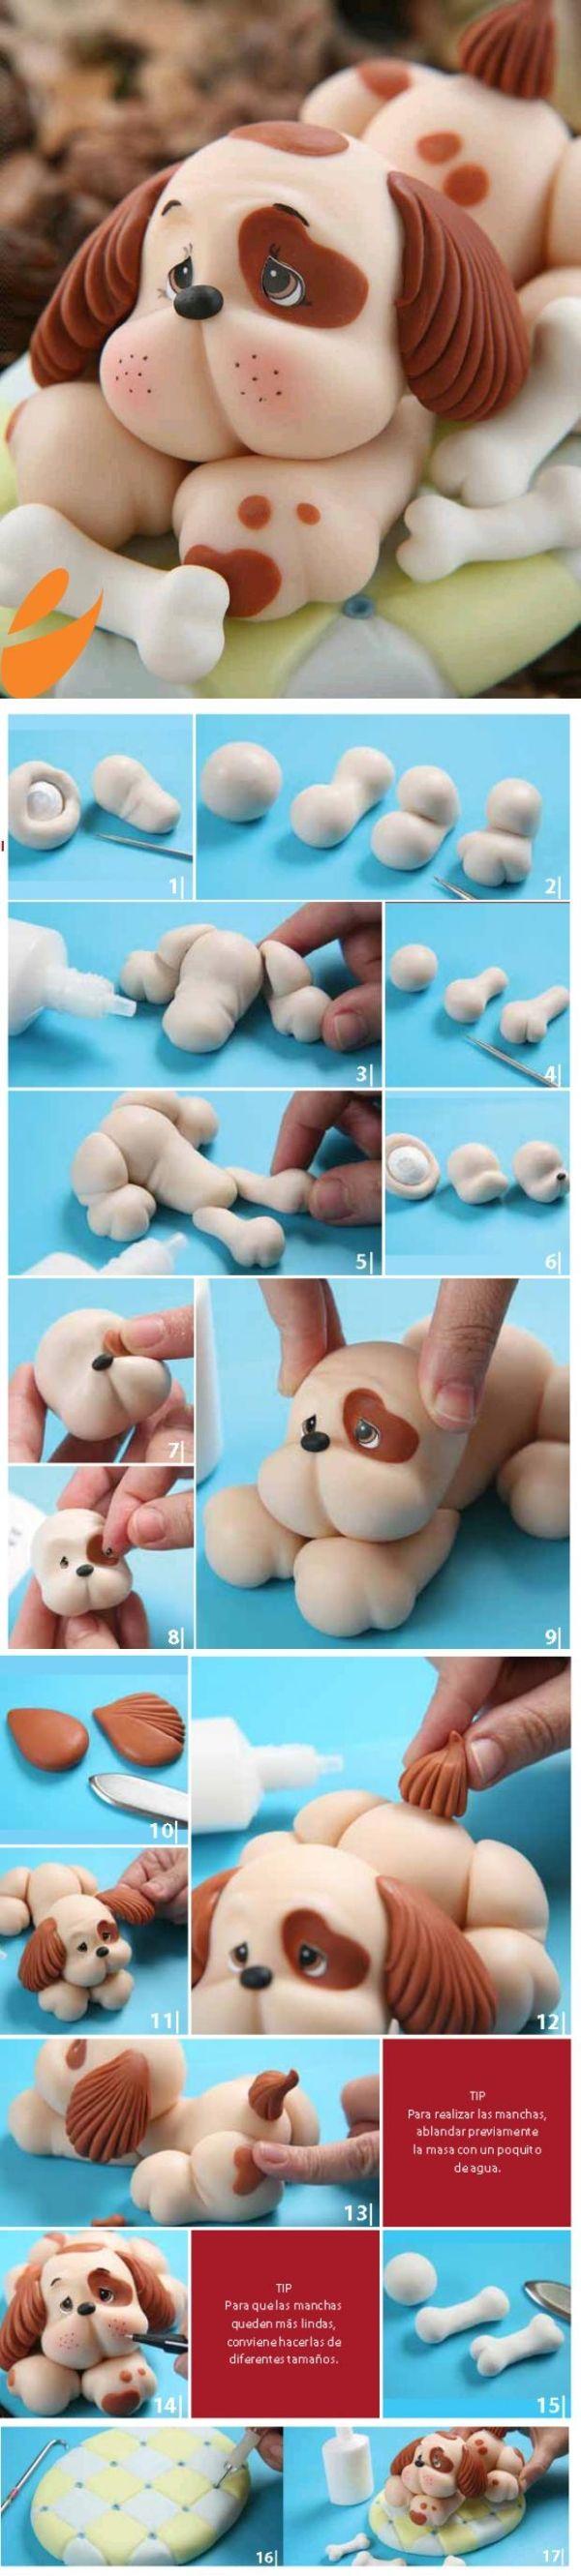 DIY Cute Clay Sleepy Puppy DIY Cute Clay Sleepy Puppy by diyforever